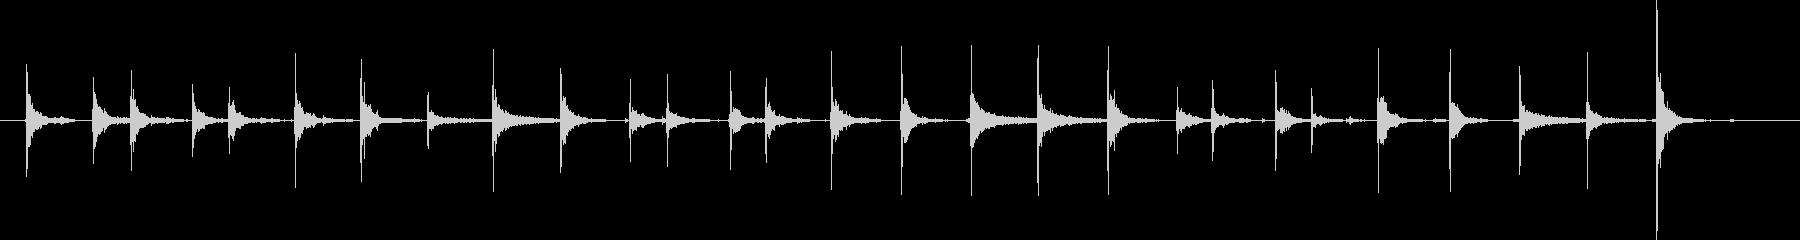 タンバリンスキン付き:リズム、タン...の未再生の波形